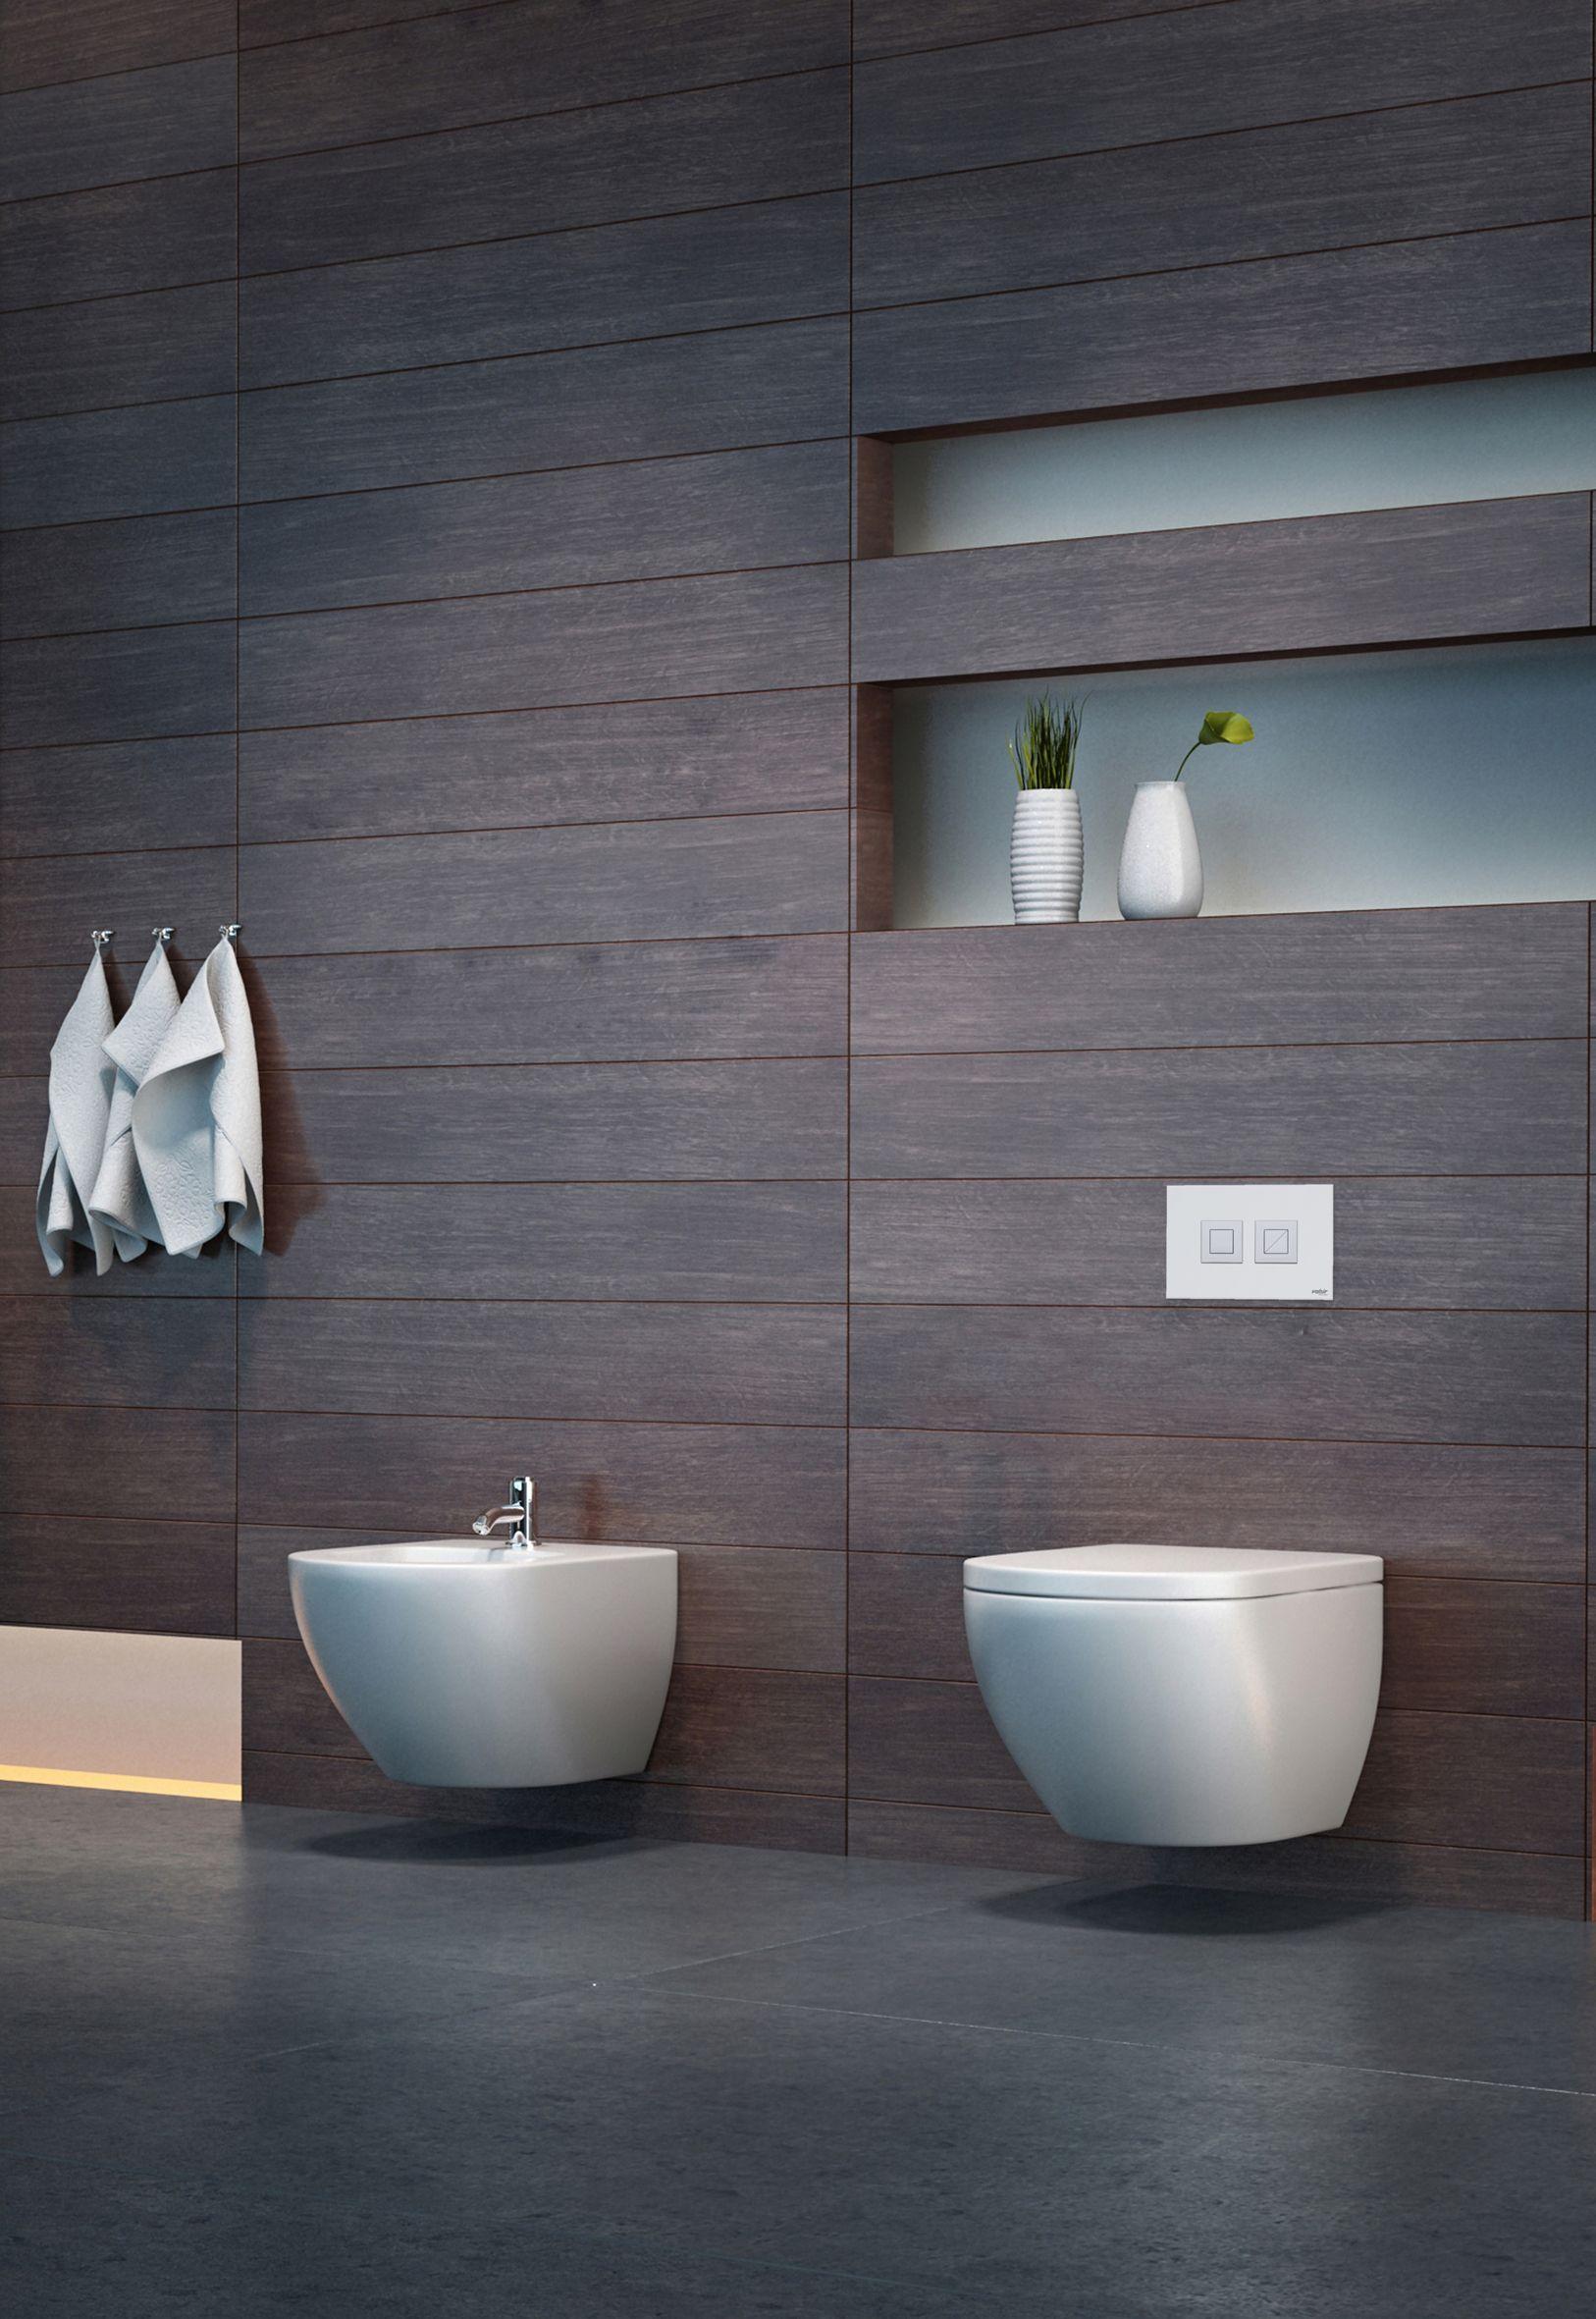 Valsir Design Push Plates For An Elegant Bathroom Valsir Spa Is - Heated bathroom floor systems for bathroom decor ideas